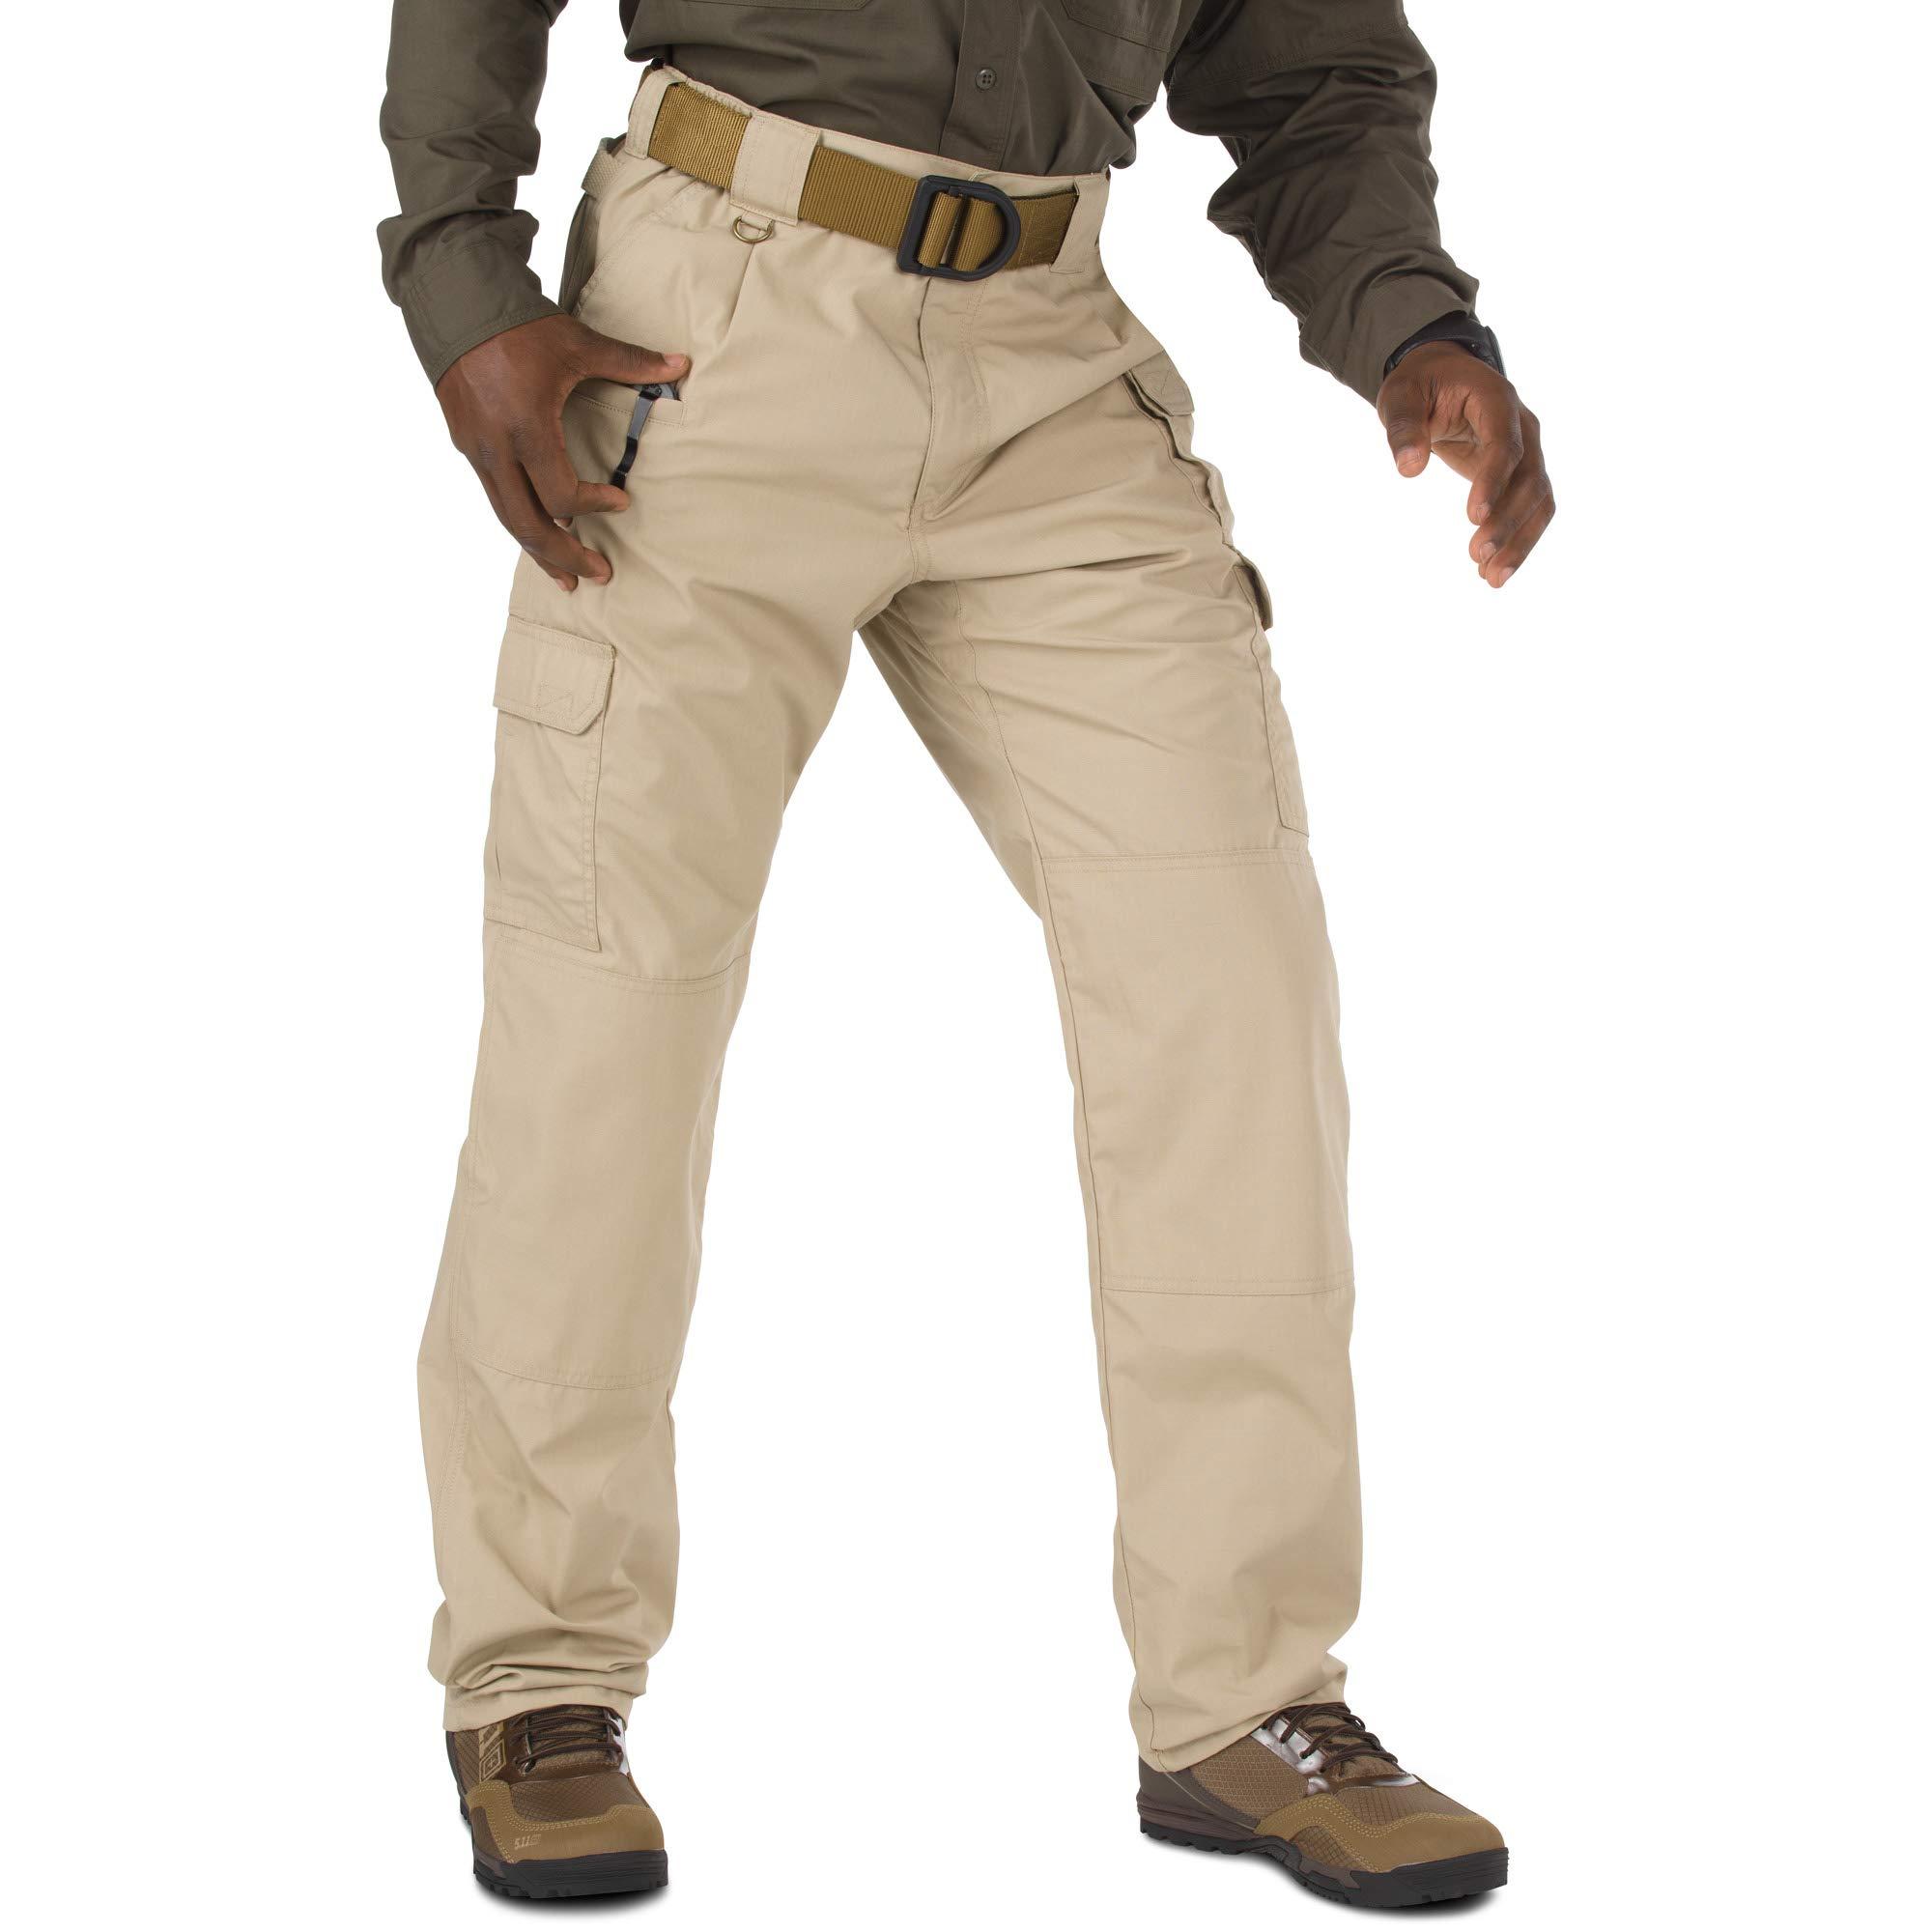 5.11 Tactical Men's Cotton Unhemmed Pant , TDU Khaki, 46